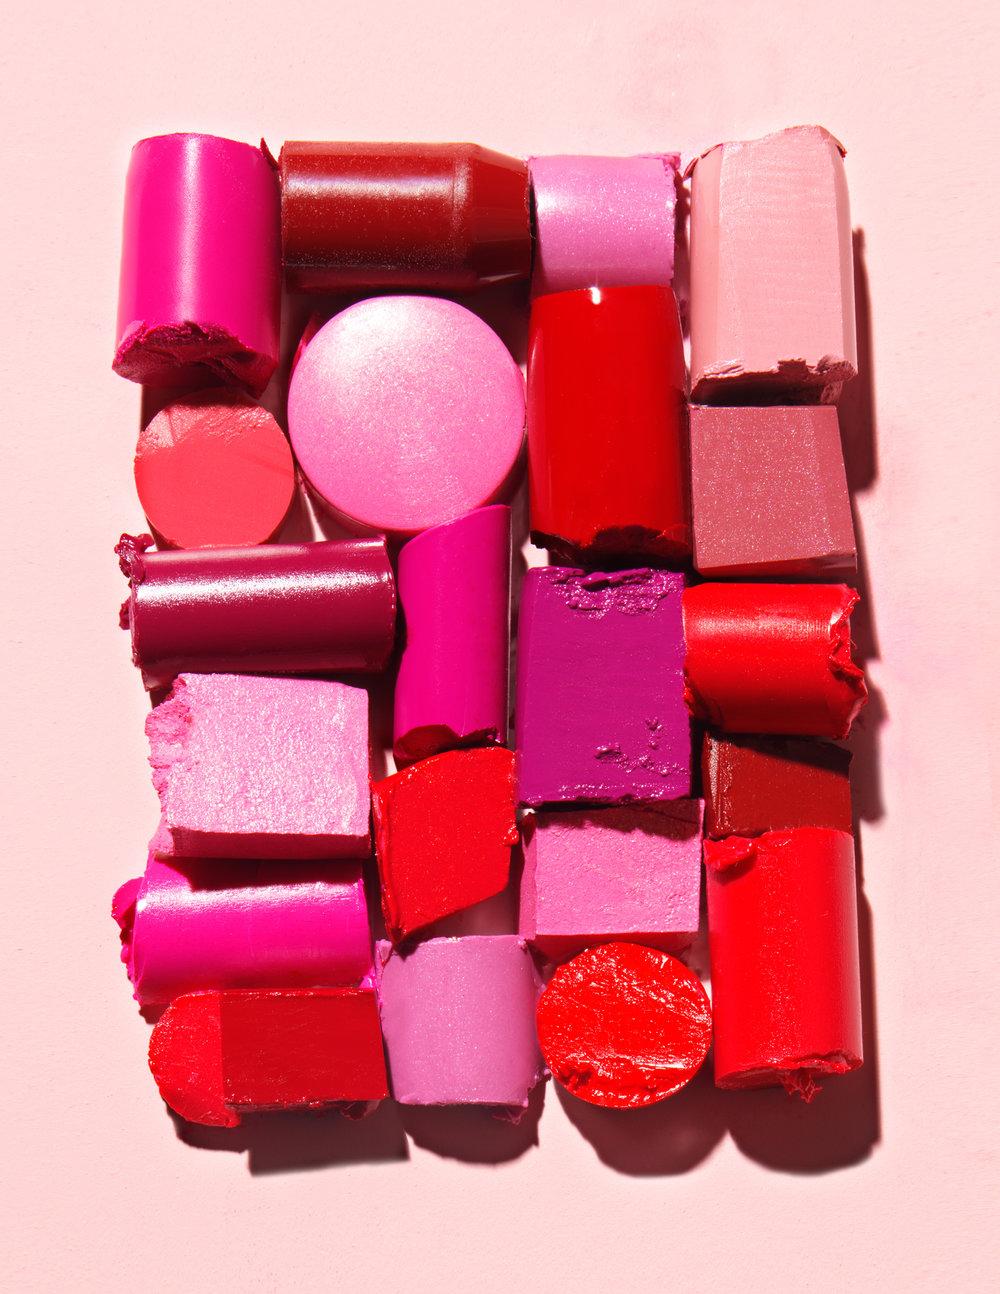 Coosa-Joe-Fresh-Beauty-07.jpg